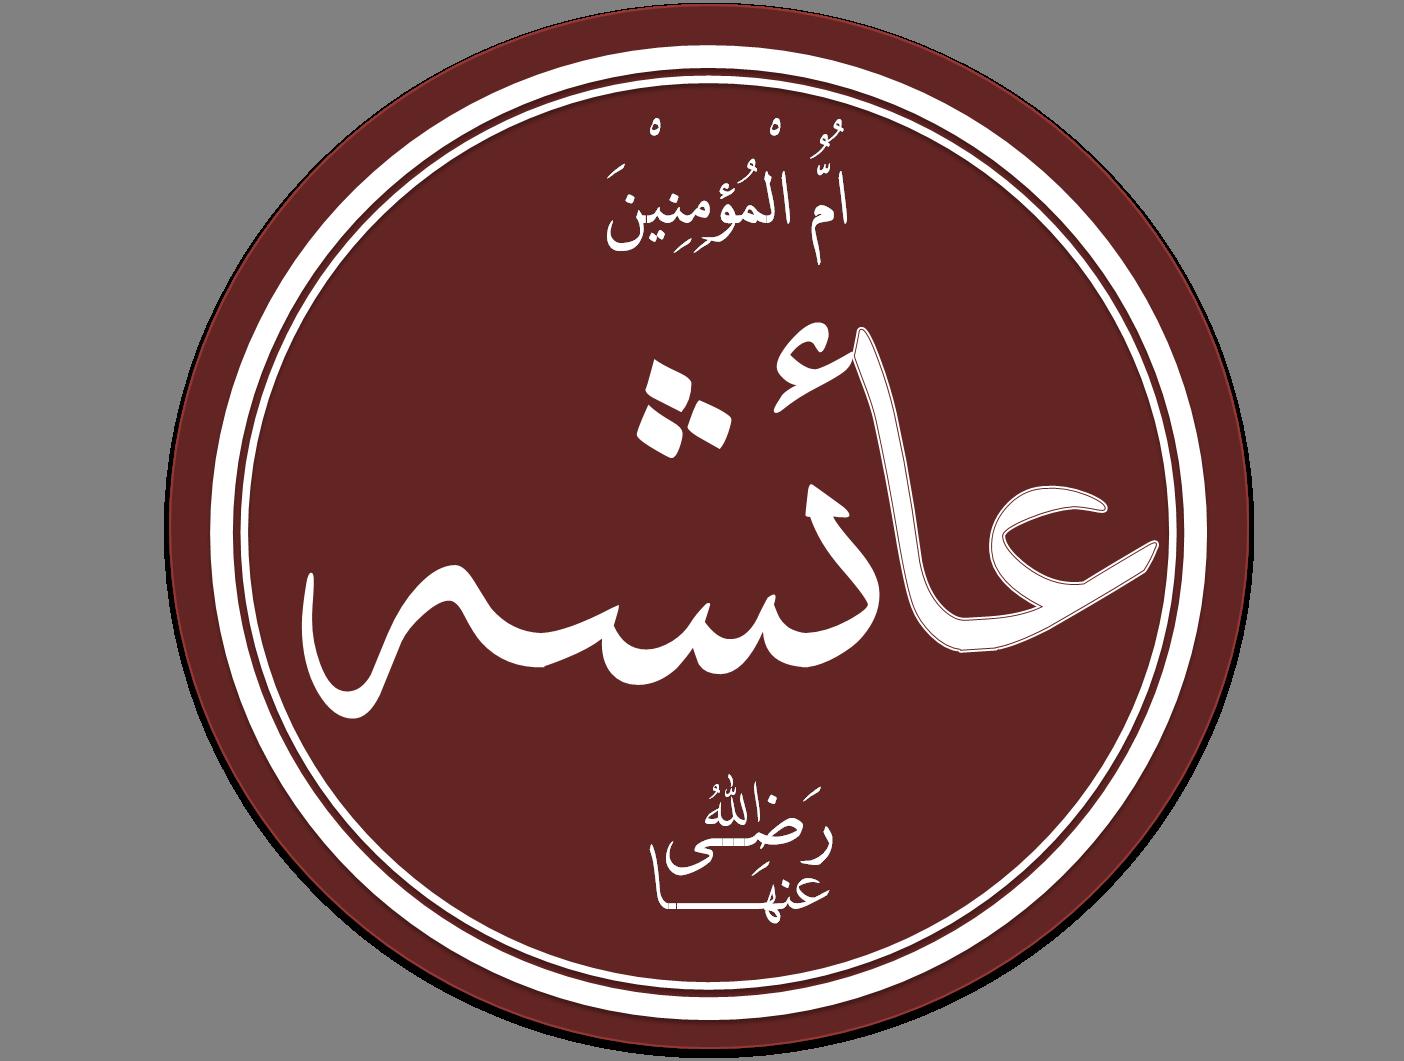 صورة معلومات عن عائشة رضي الله عنها , سيره عائشه وصفاتها